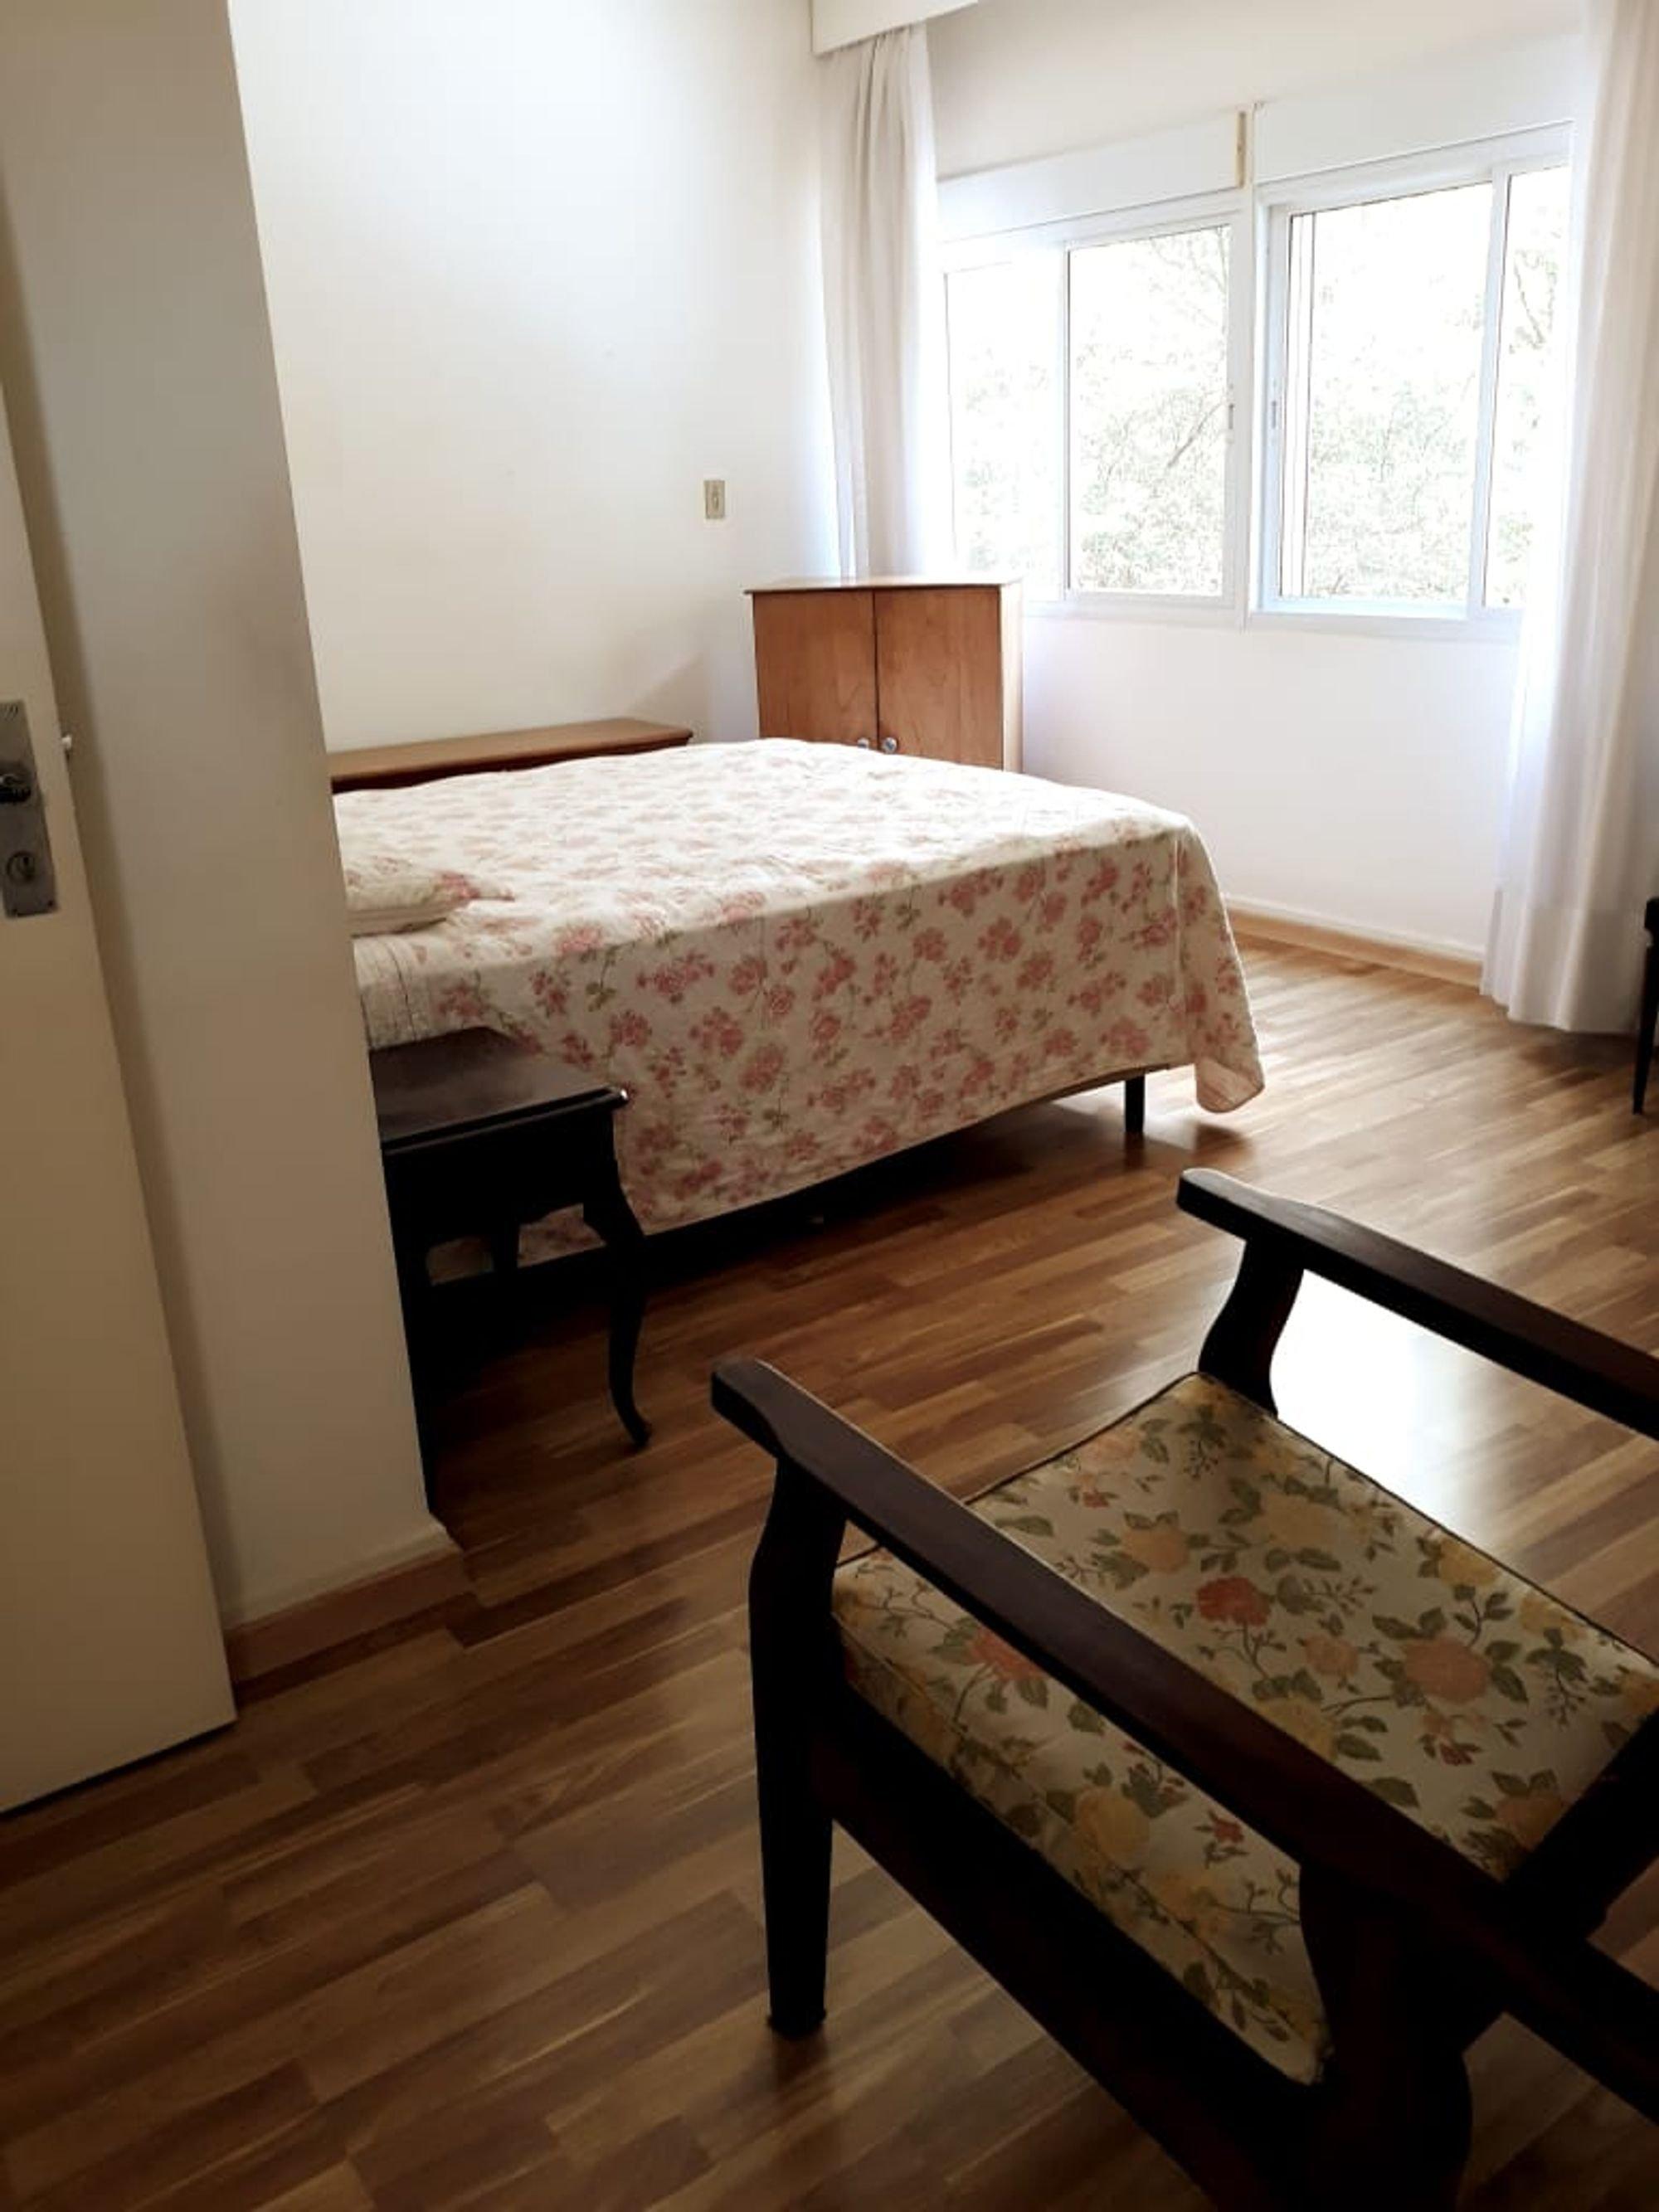 Foto de Quarto com cama, banco